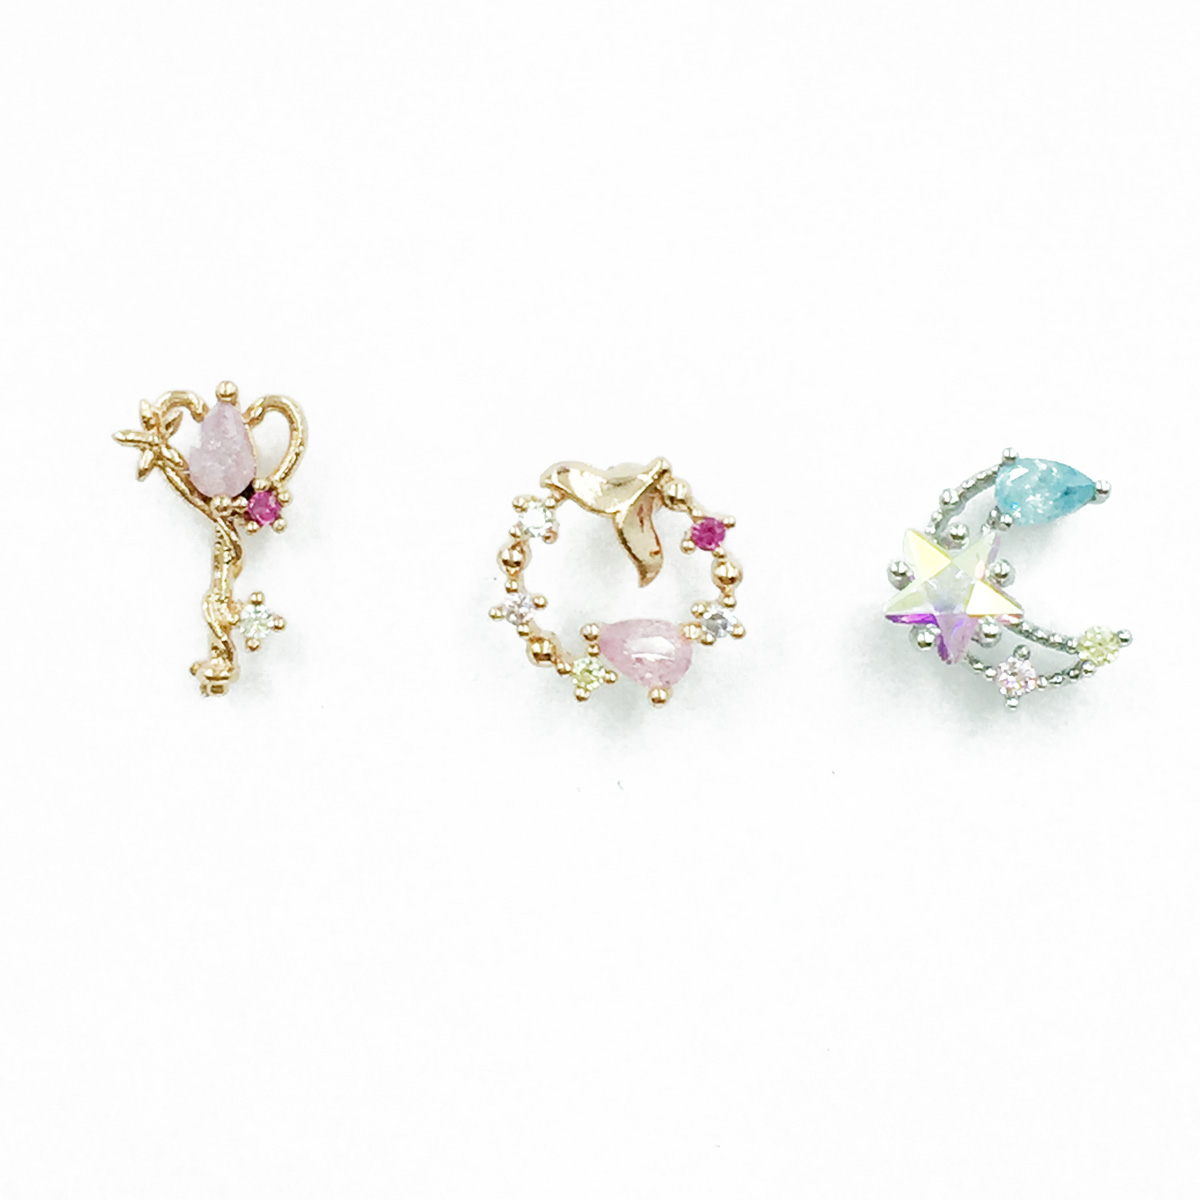 韓國 不鏽鋼 星星月亮 鑰匙 水鑽 單支後轉 耳針式耳環